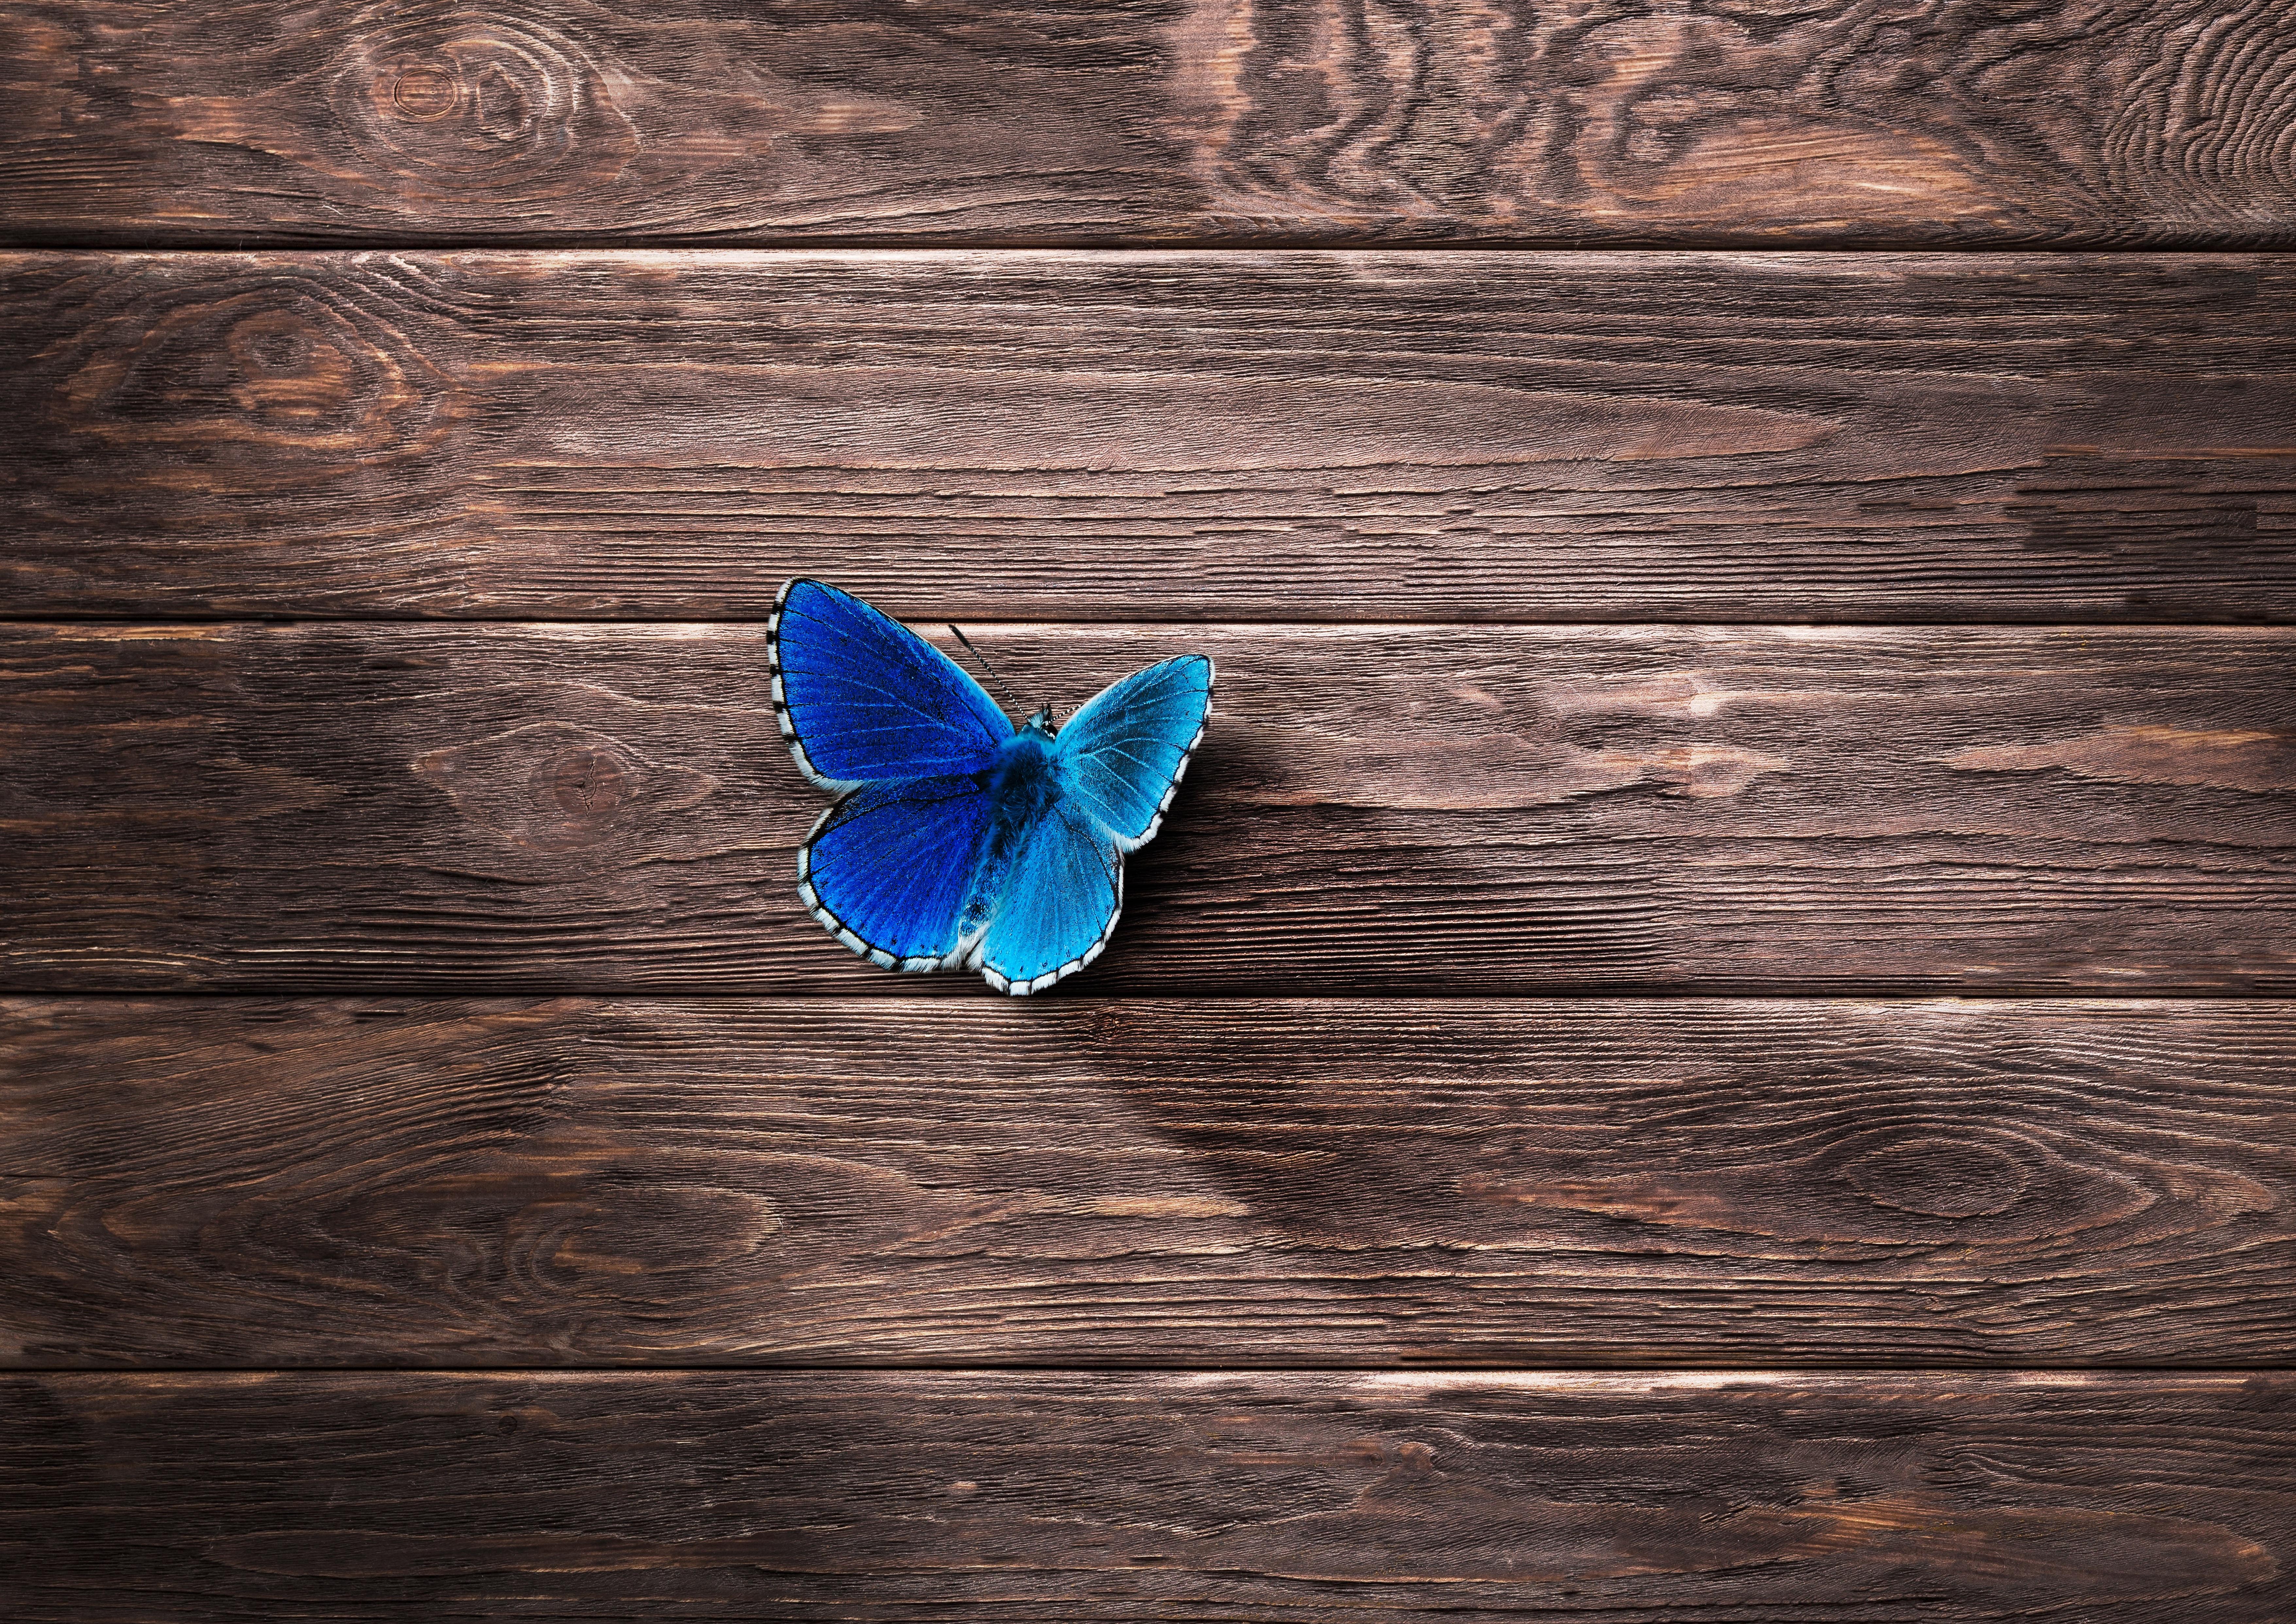 Original Resolution Popular - Desktop Wallpaper Hd Butterfly , HD Wallpaper & Backgrounds